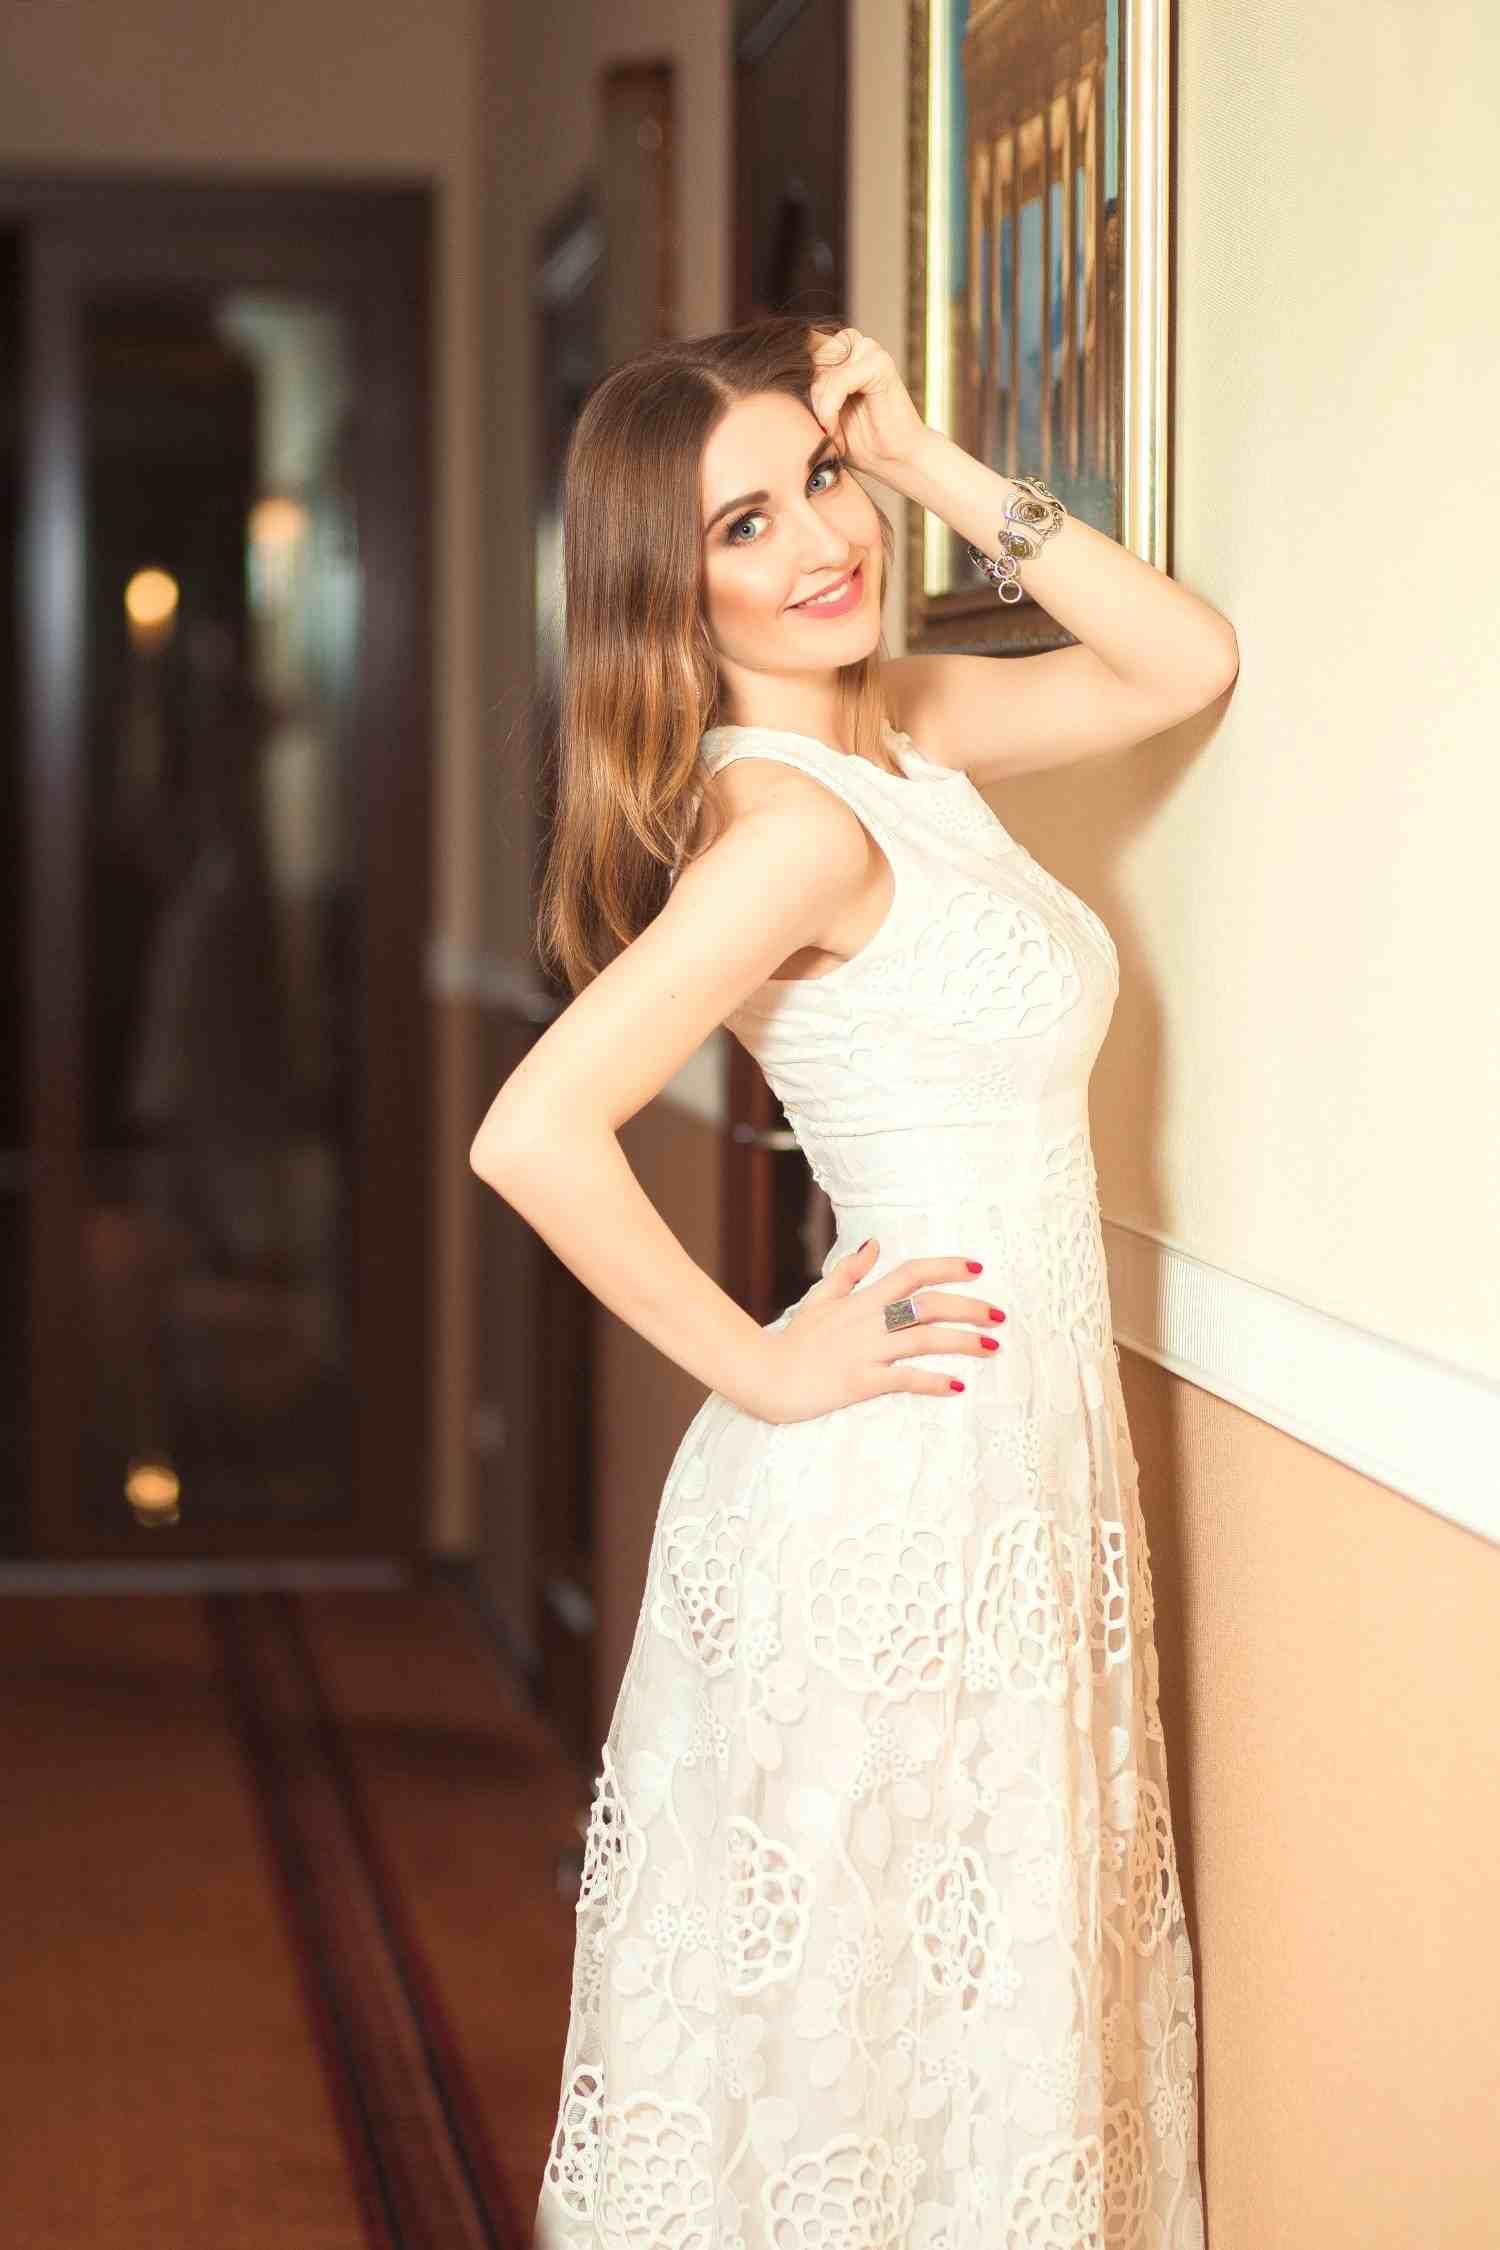 Vanessa luxury